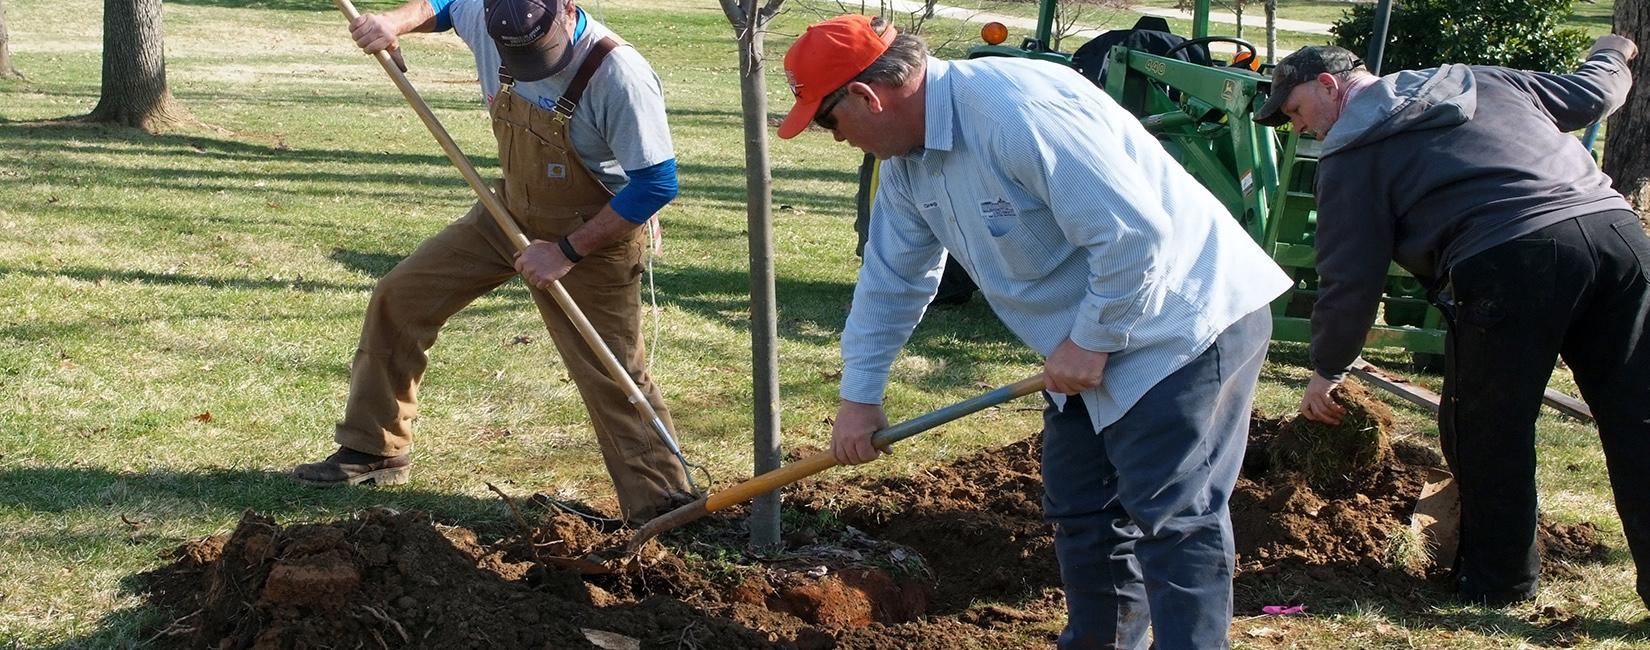 Washington & Lee University Grounds Crew planting trees.